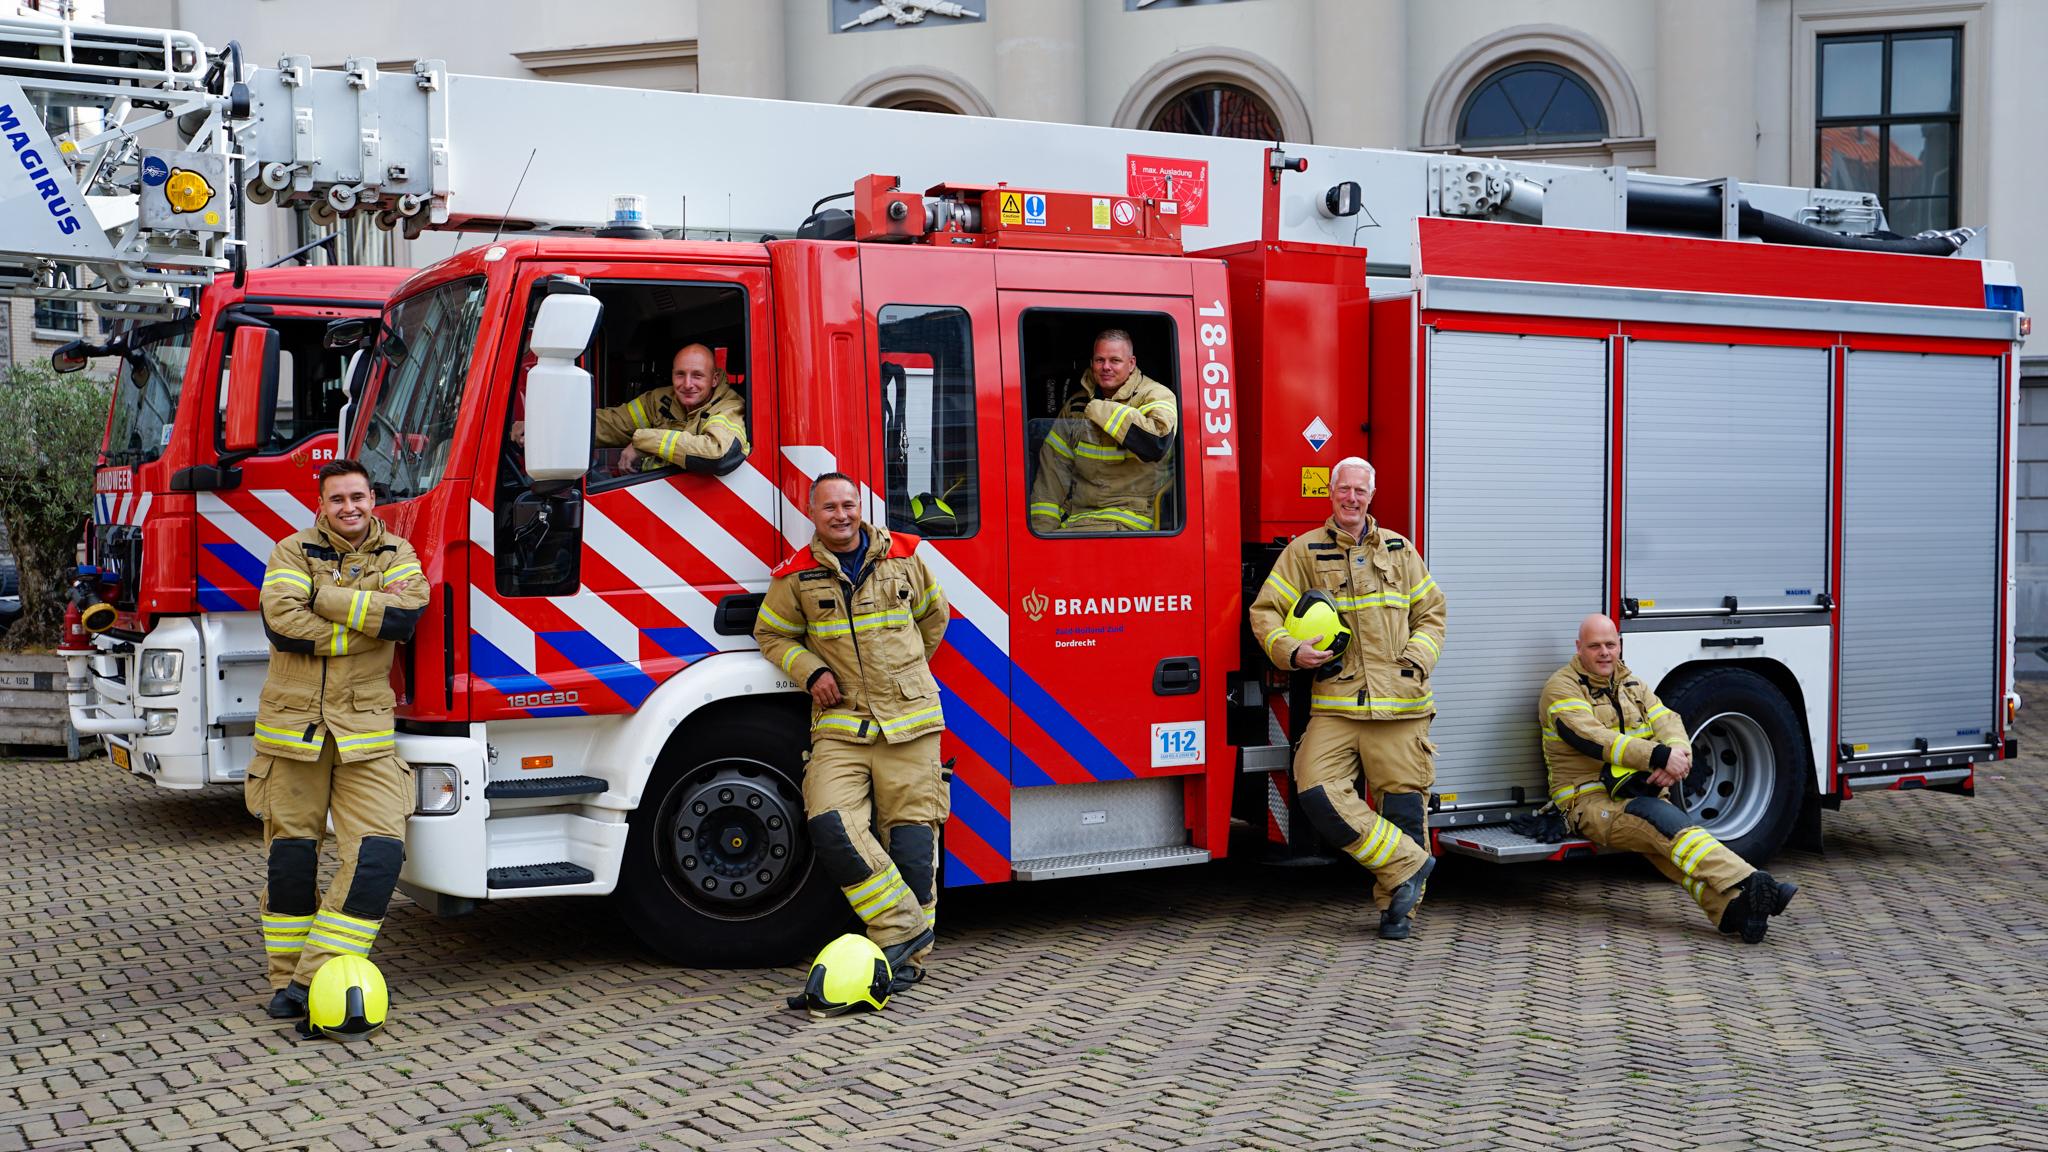 Brandweer Dordrecht vacature